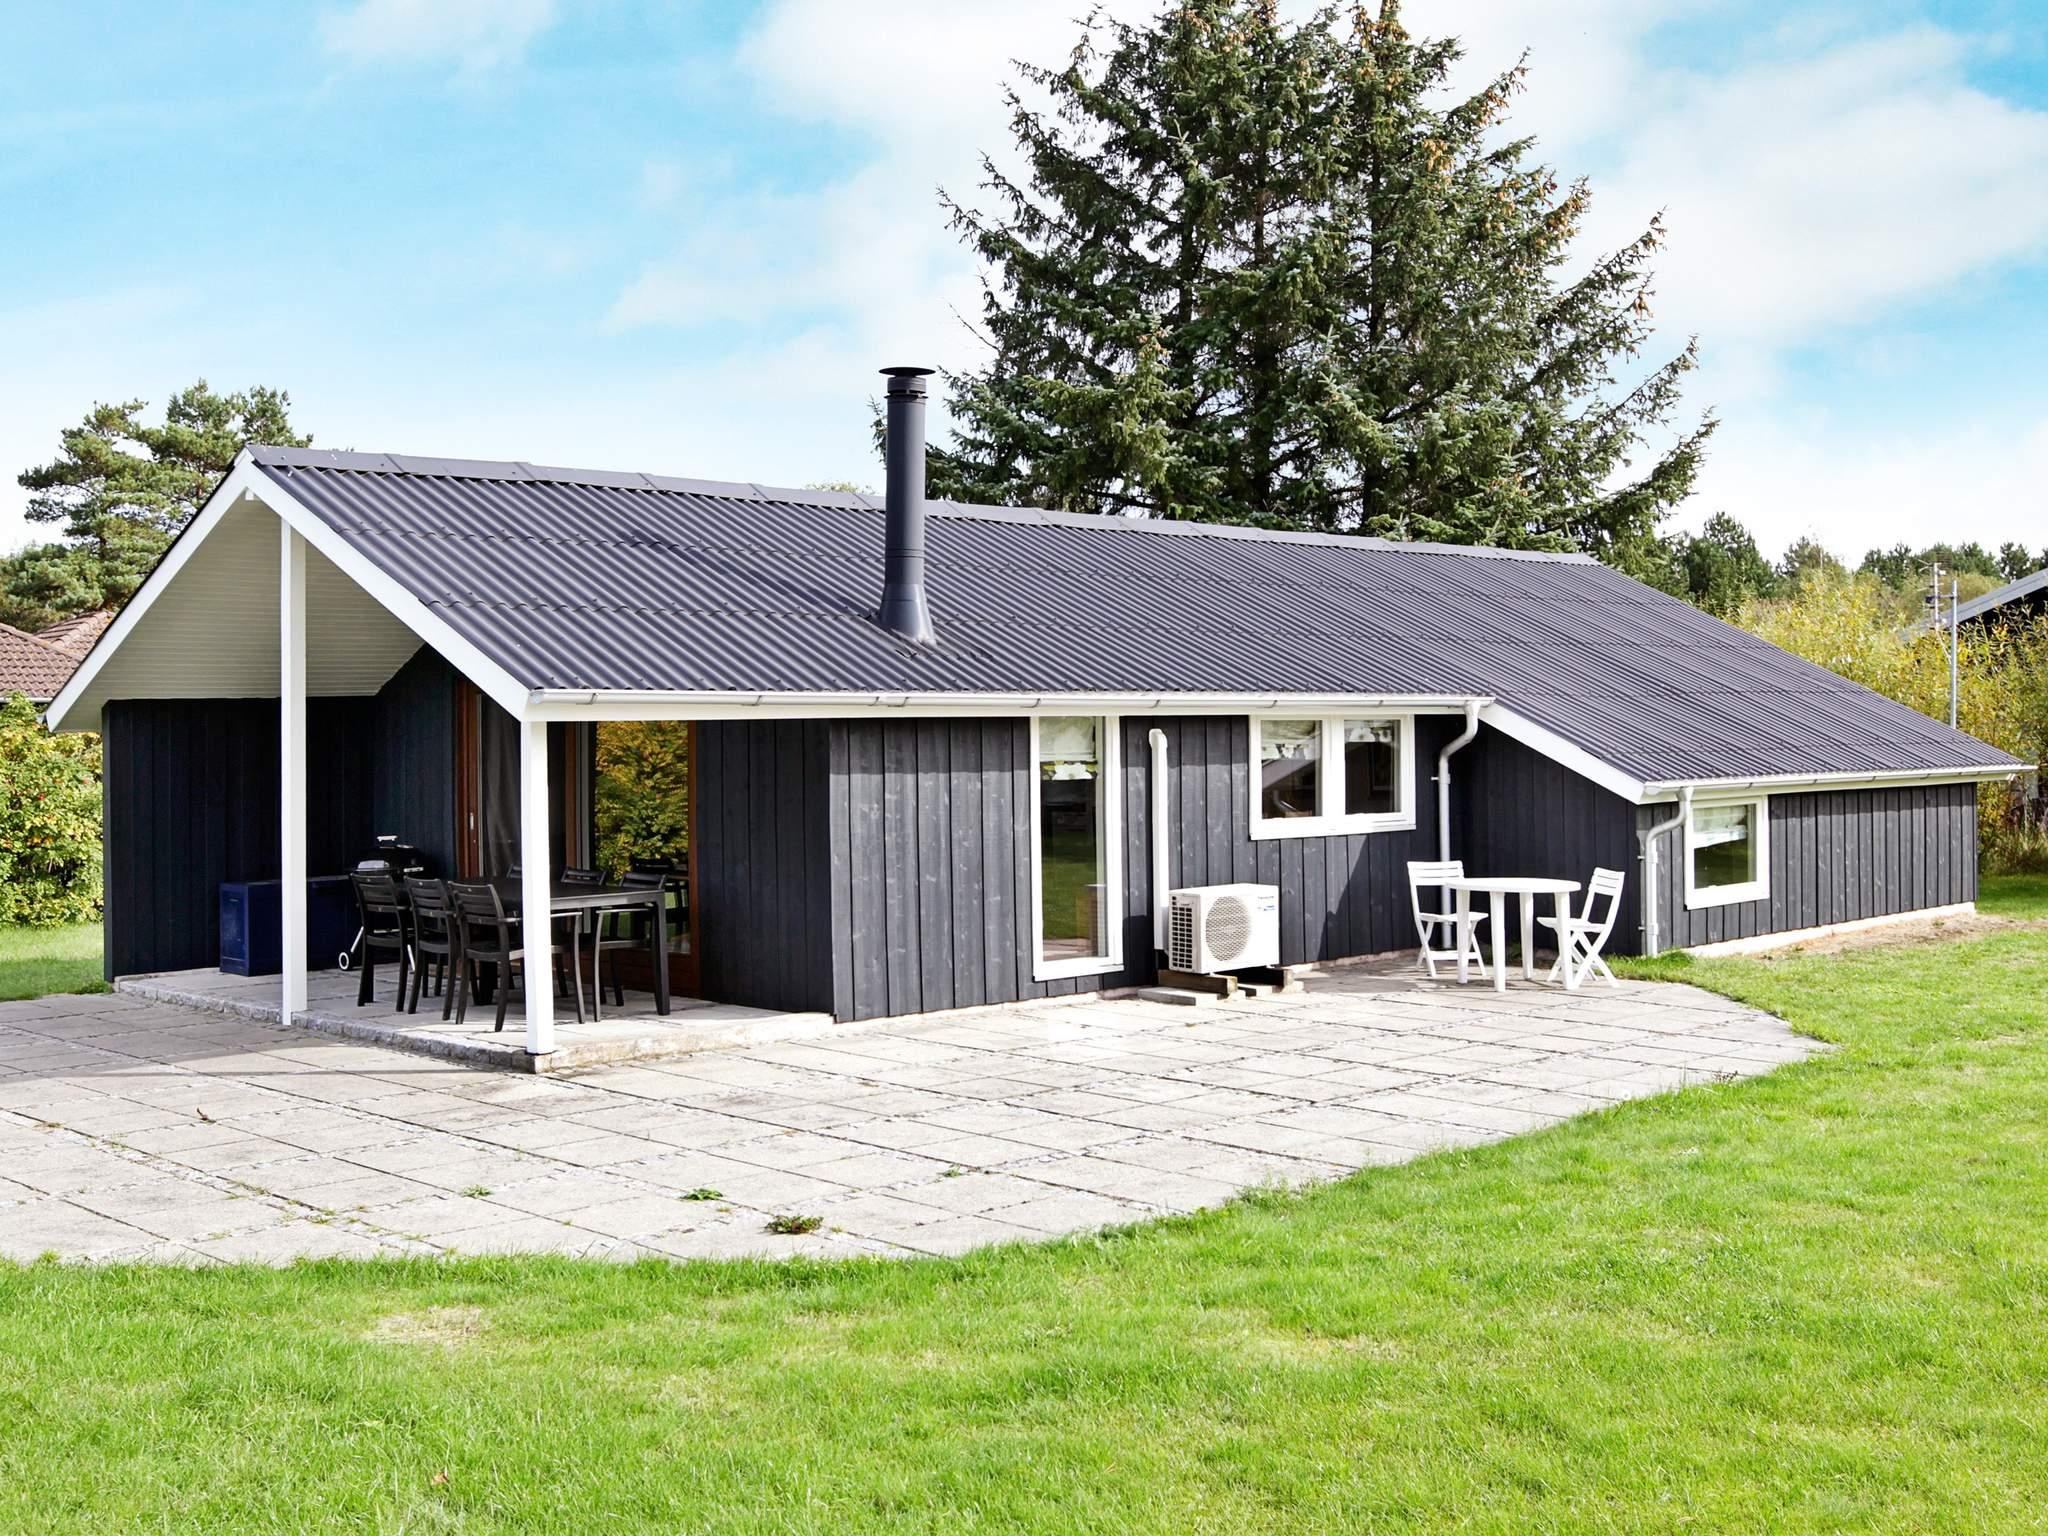 Ferienhaus Kramnitze (87258), Kramnitse, , Lolland, Dänemark, Bild 1